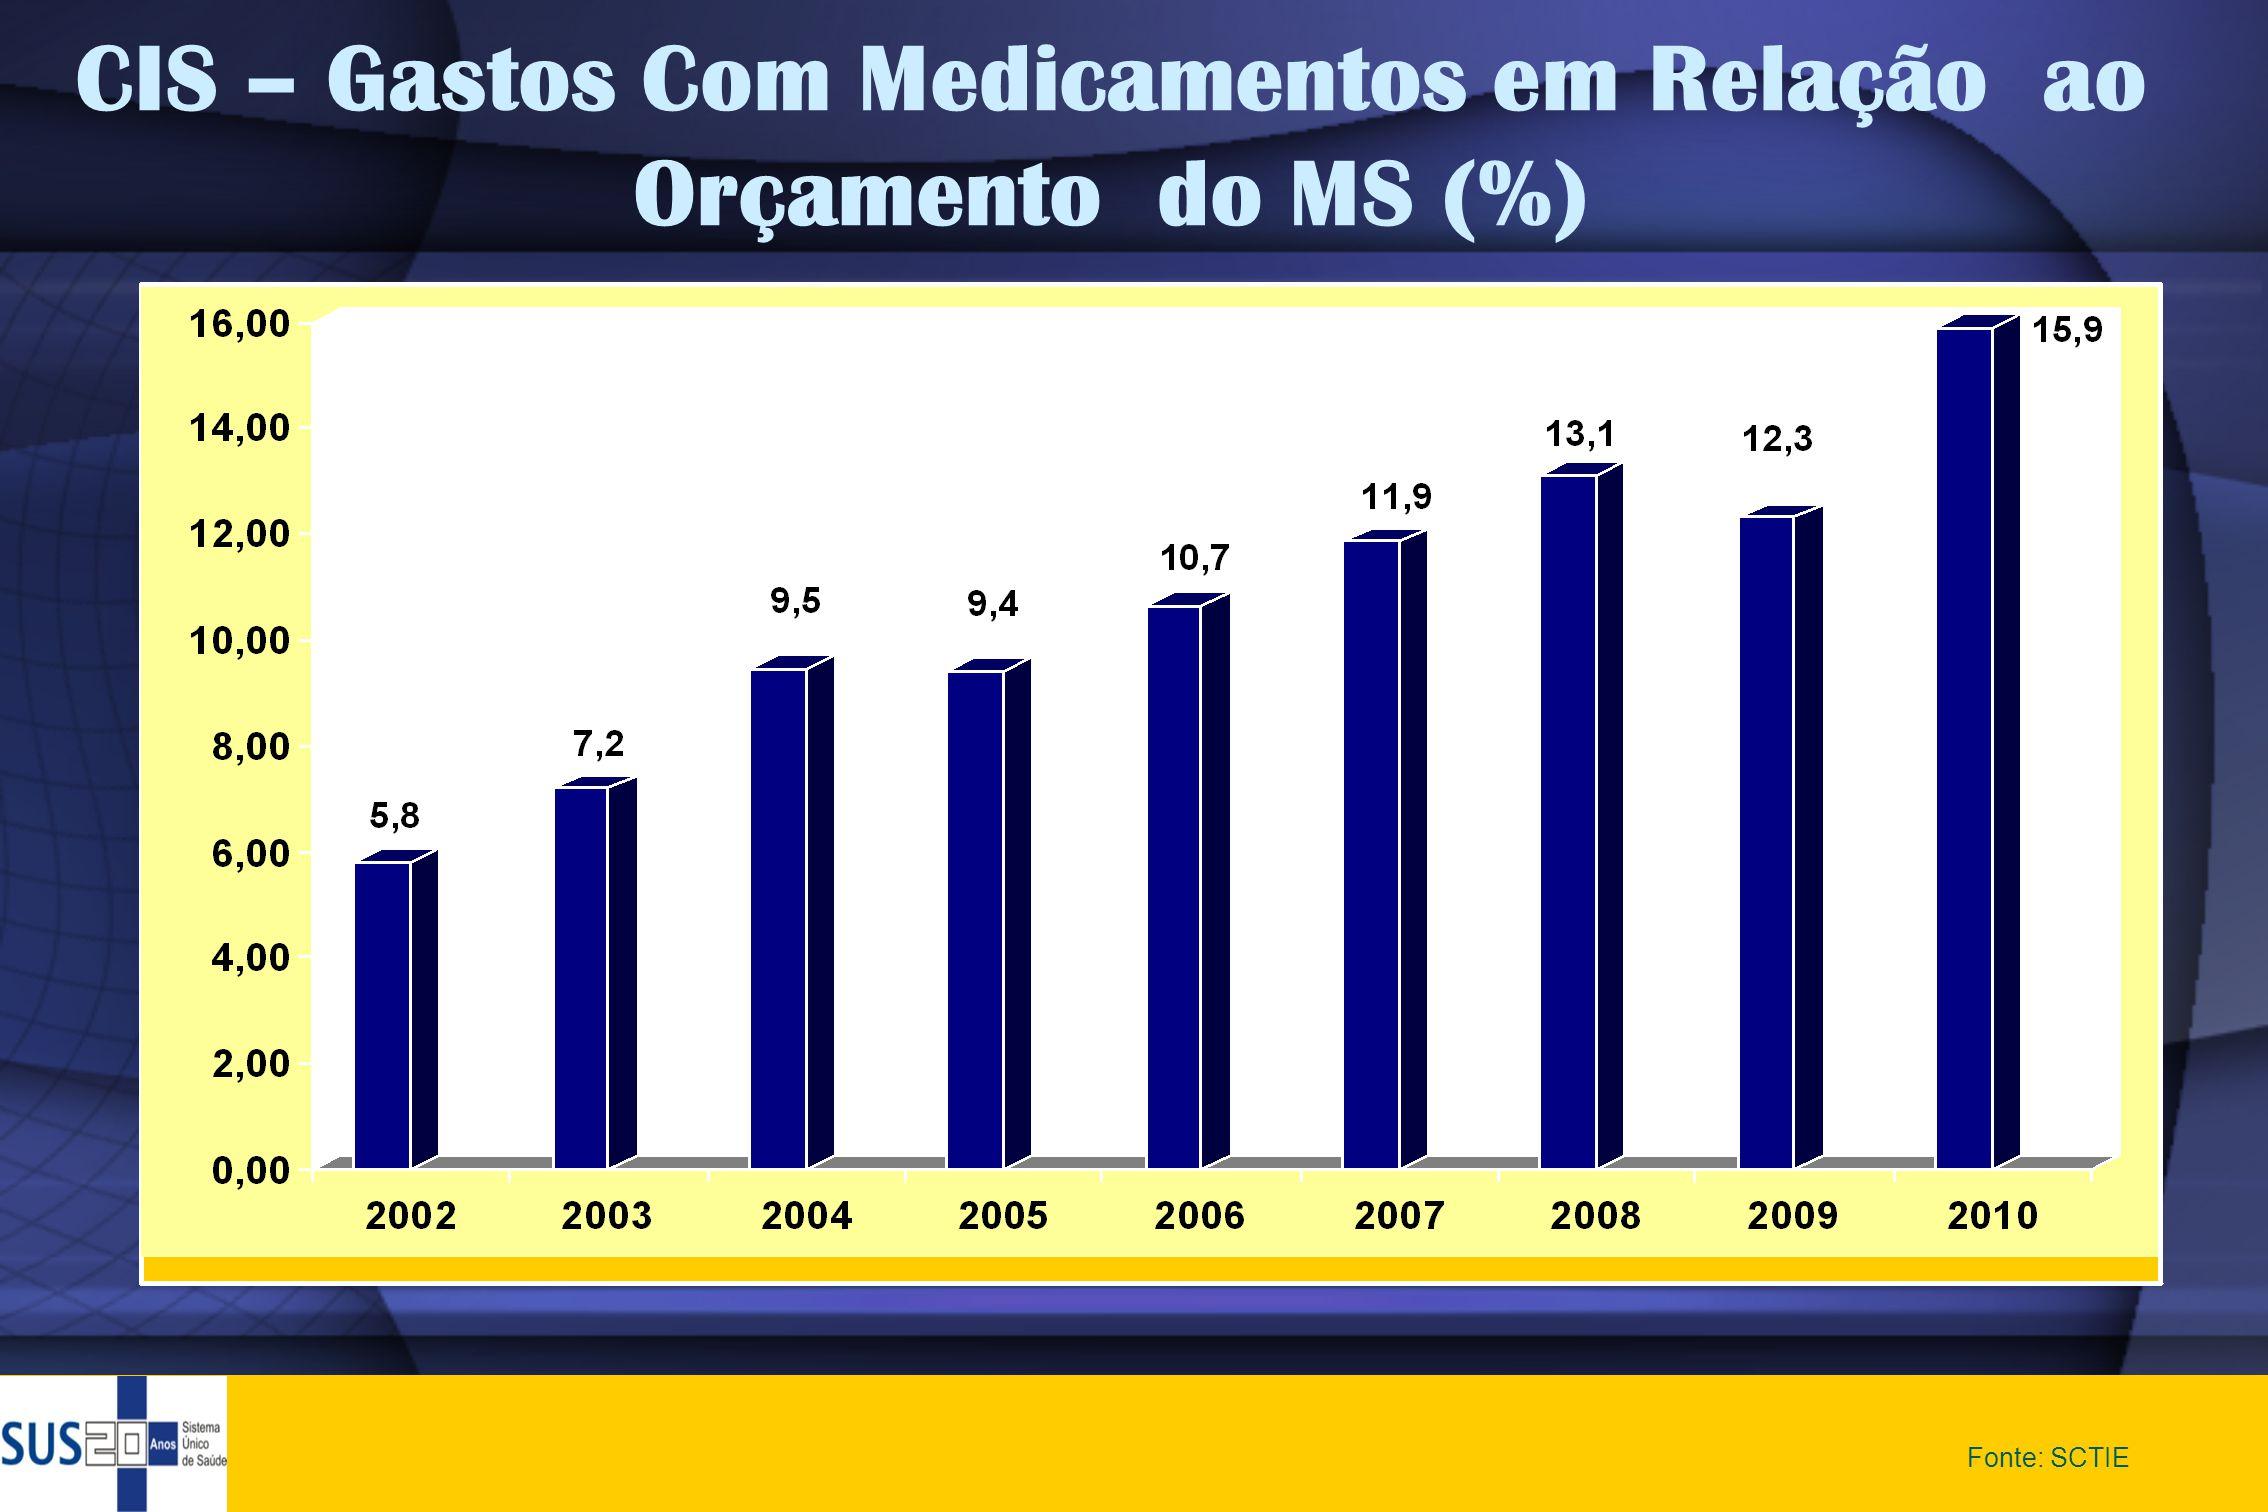 CIS – Gastos Com Medicamentos em Relação ao Orçamento do MS (%) Fonte: SCTIE